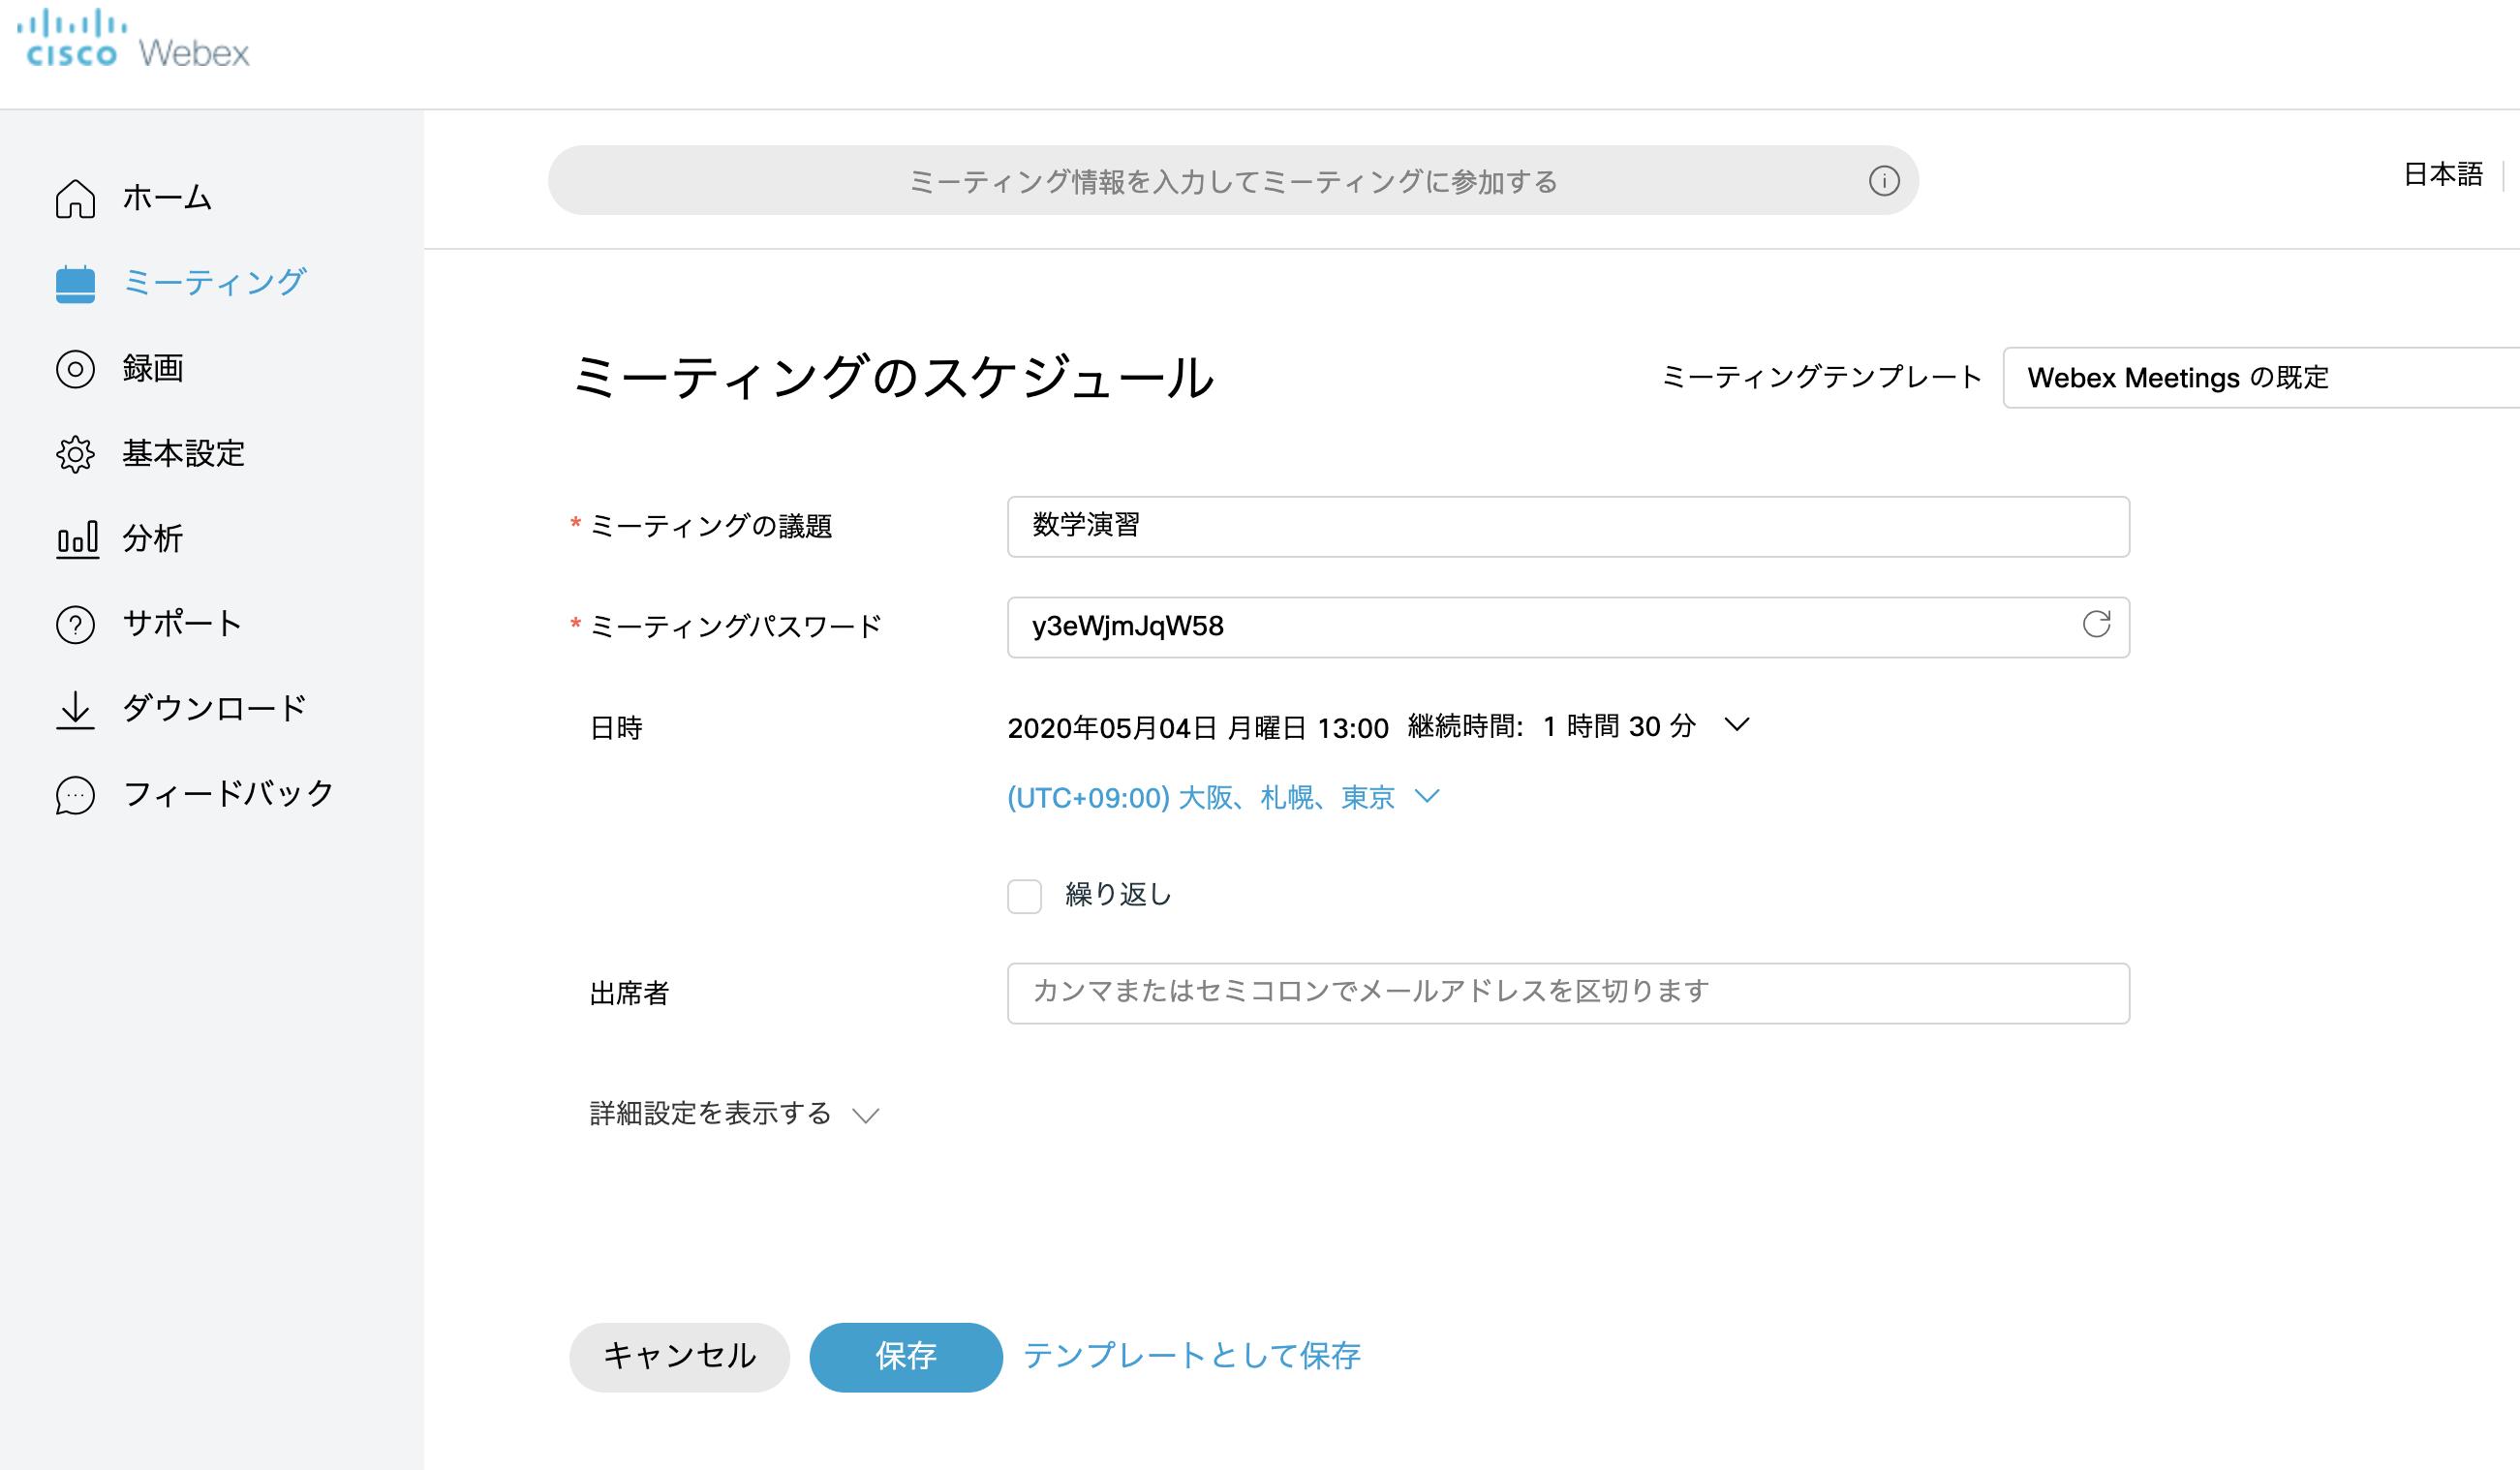 変更 webex 名前